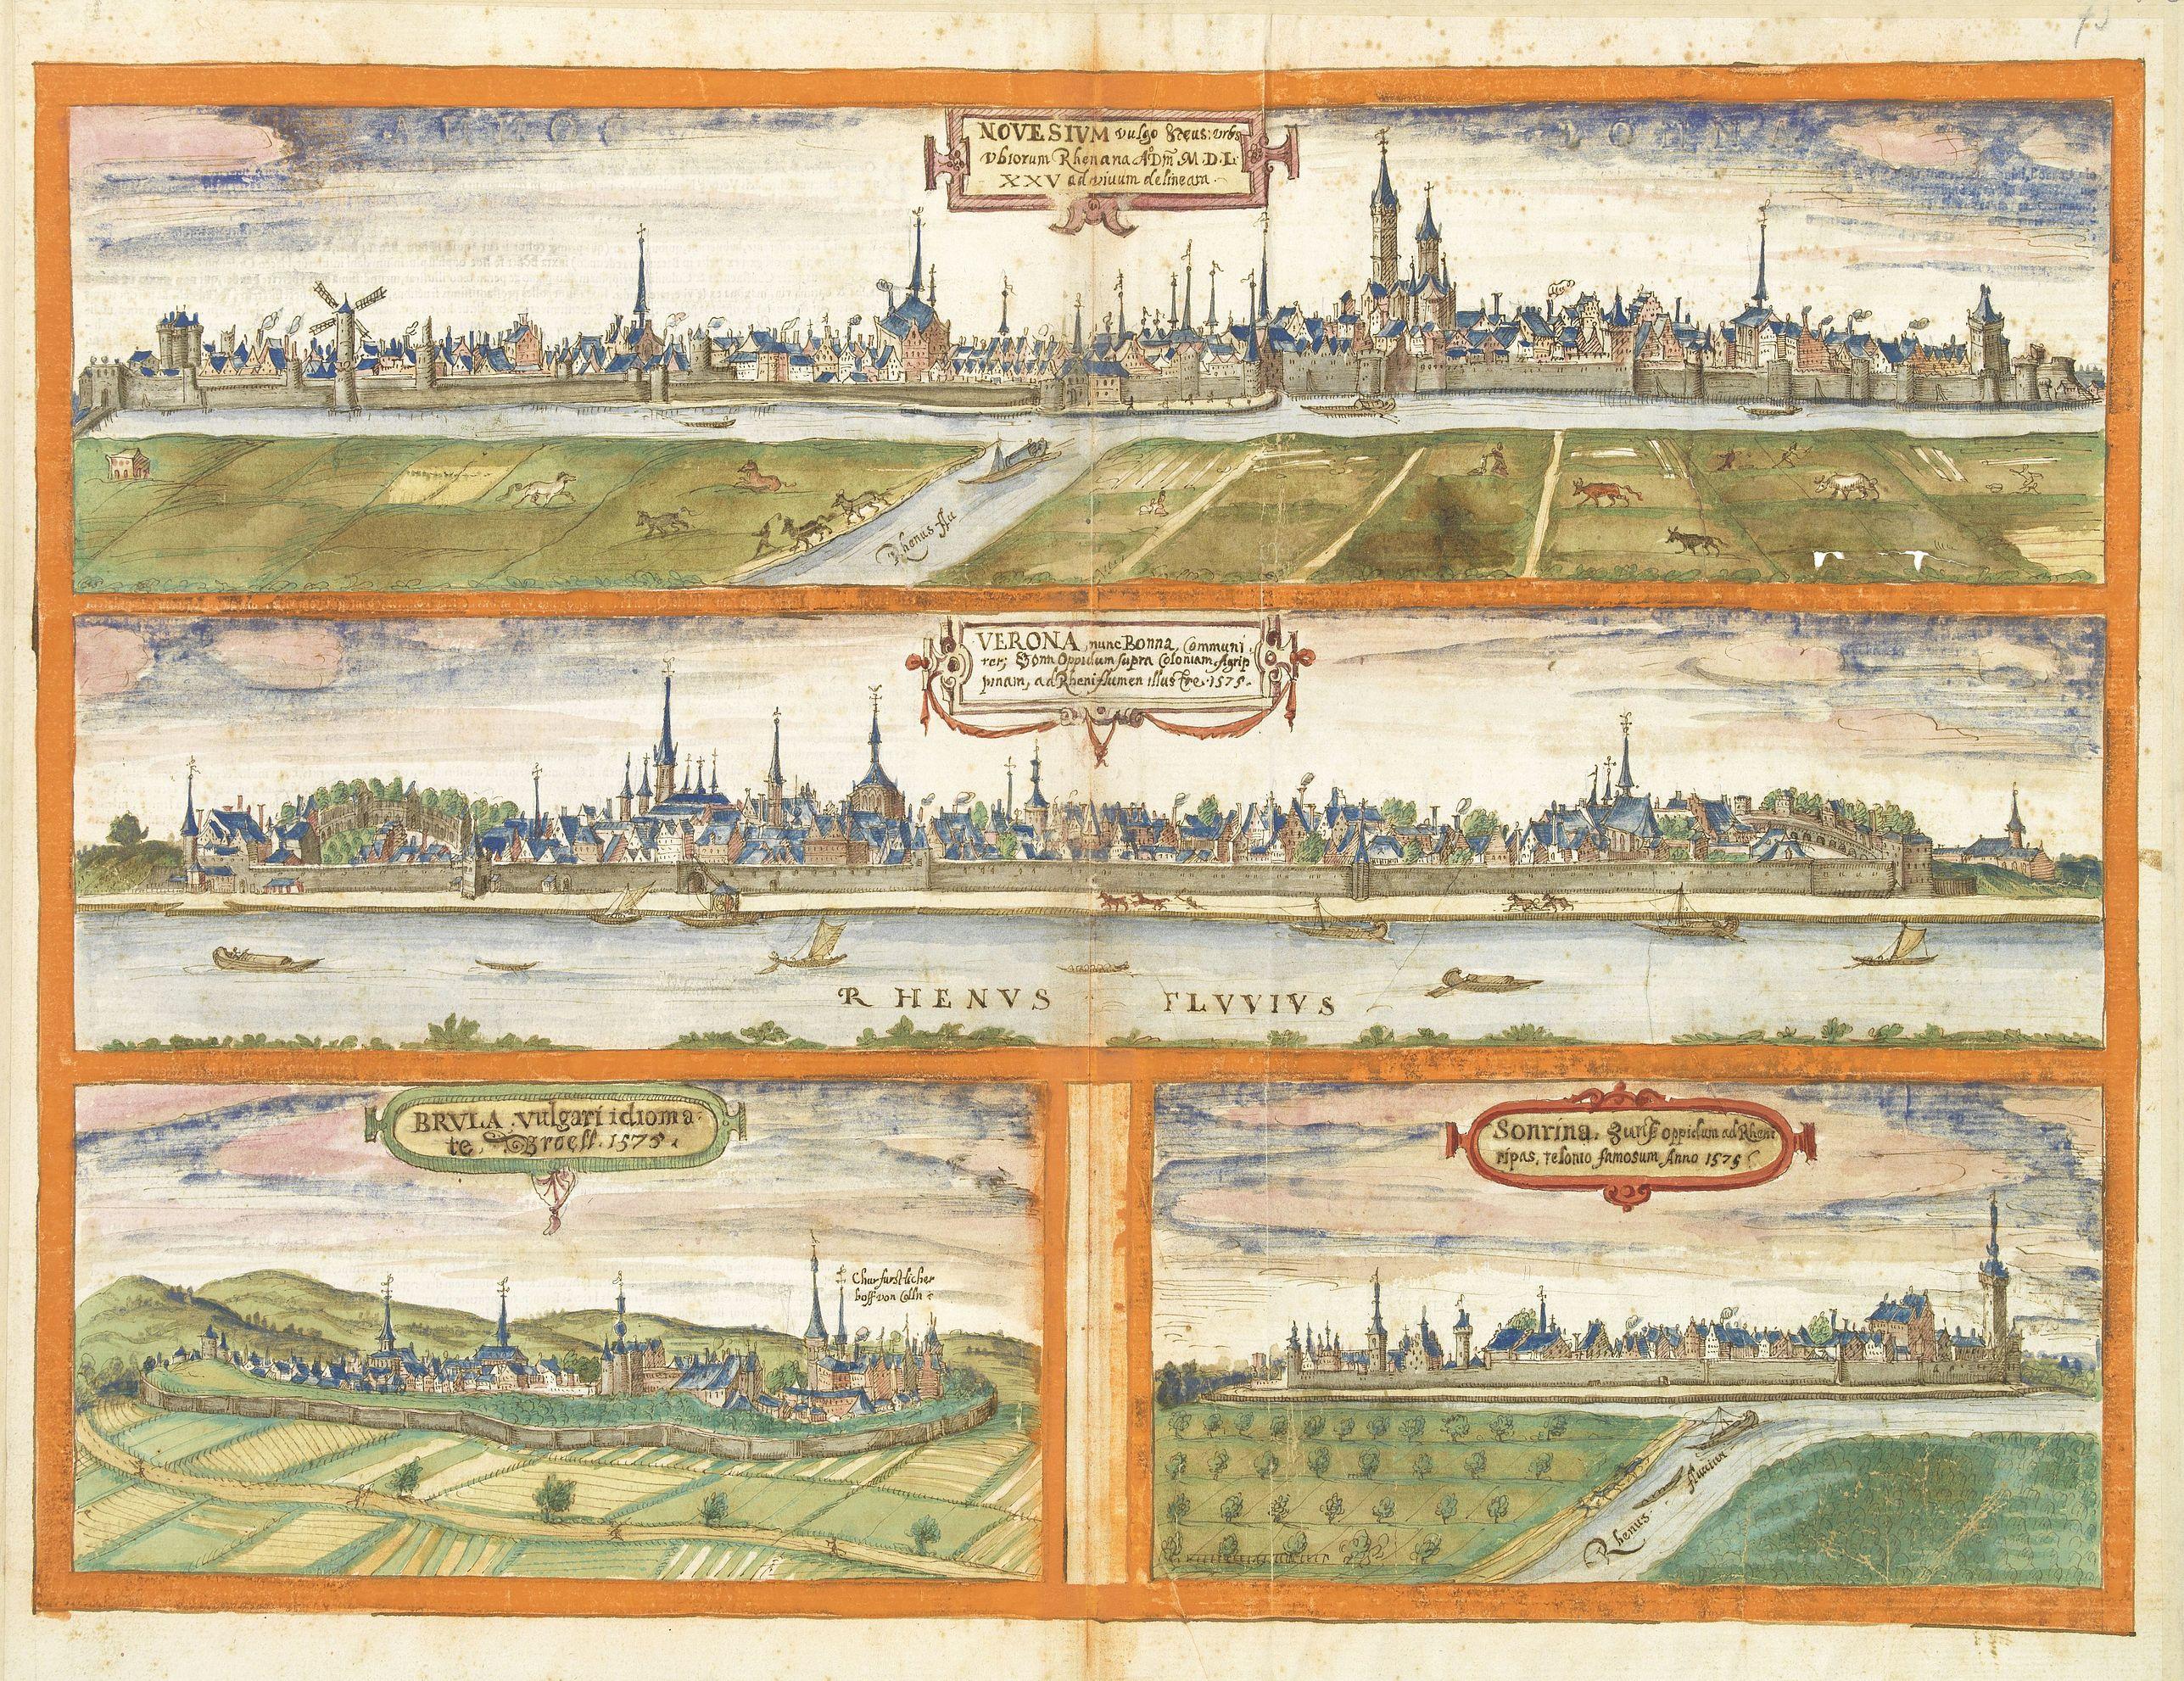 After BRAUN, G. / HOGENBERG, F. -  Novesium vulgo Neus - Verona nunc Bonn - Brula - Sontina, Zunsz Oppidum. . .